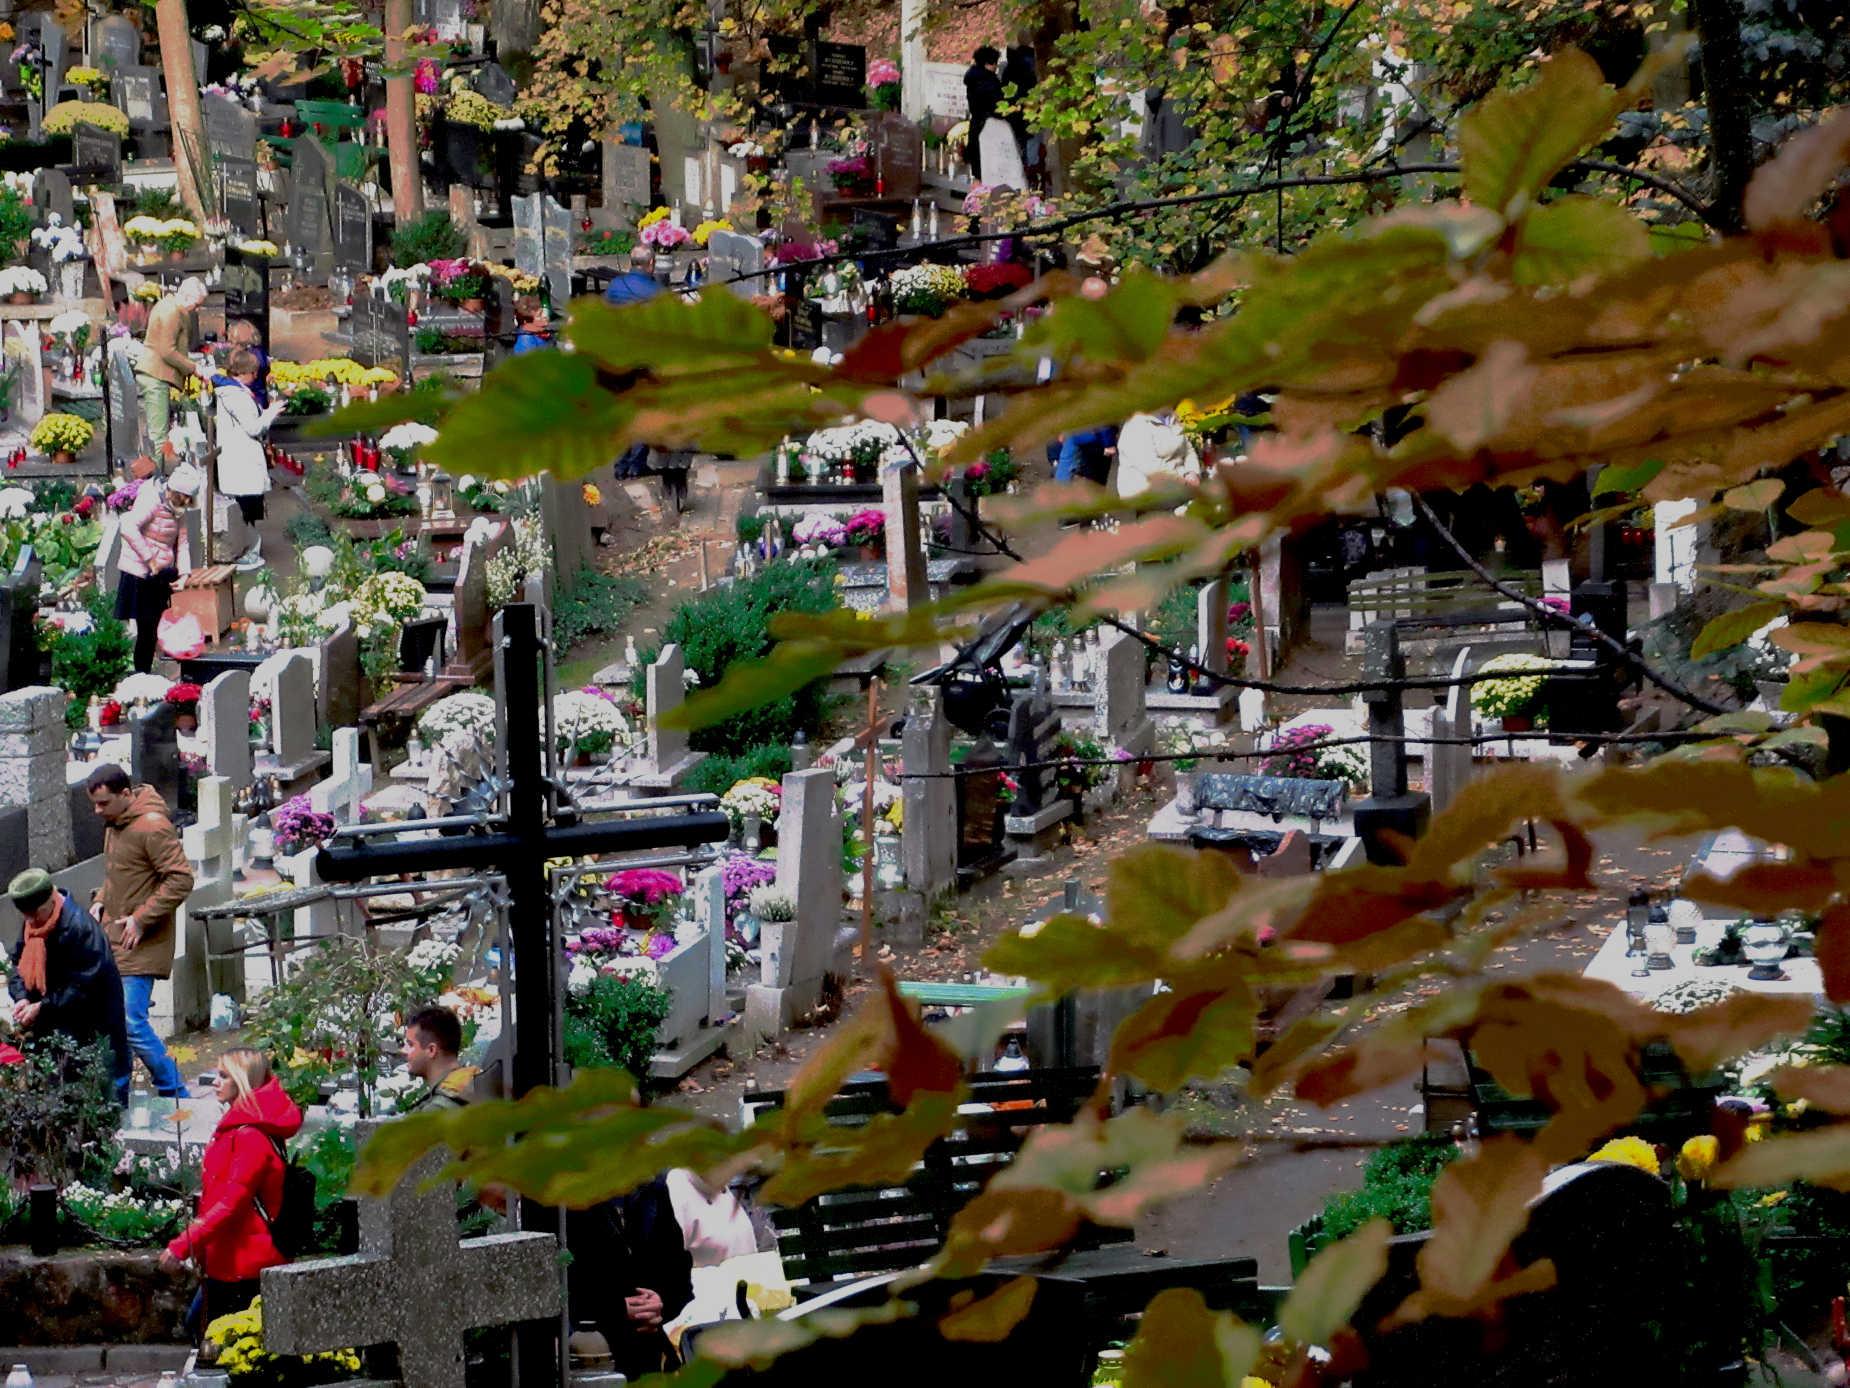 Jak dojechać na cmentarze w czasie pandemii? Zmiany w komunikacji